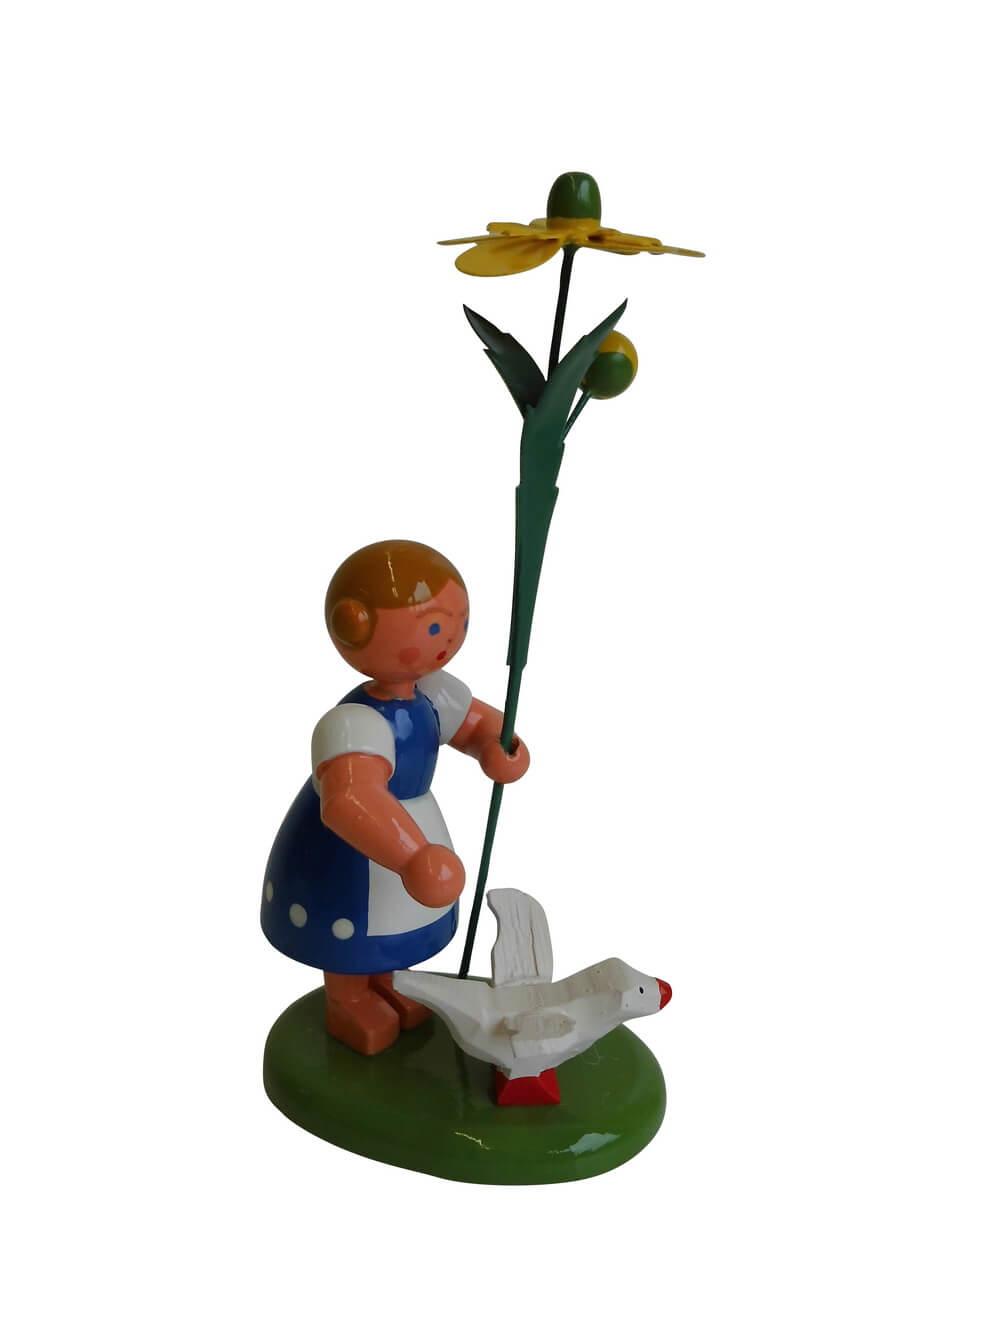 Blumenmädchen mit Reifentier (Gans) und Butterblume, 10 cm, WEHA-Kunst Dippoldiswalde/ Erzgebirge